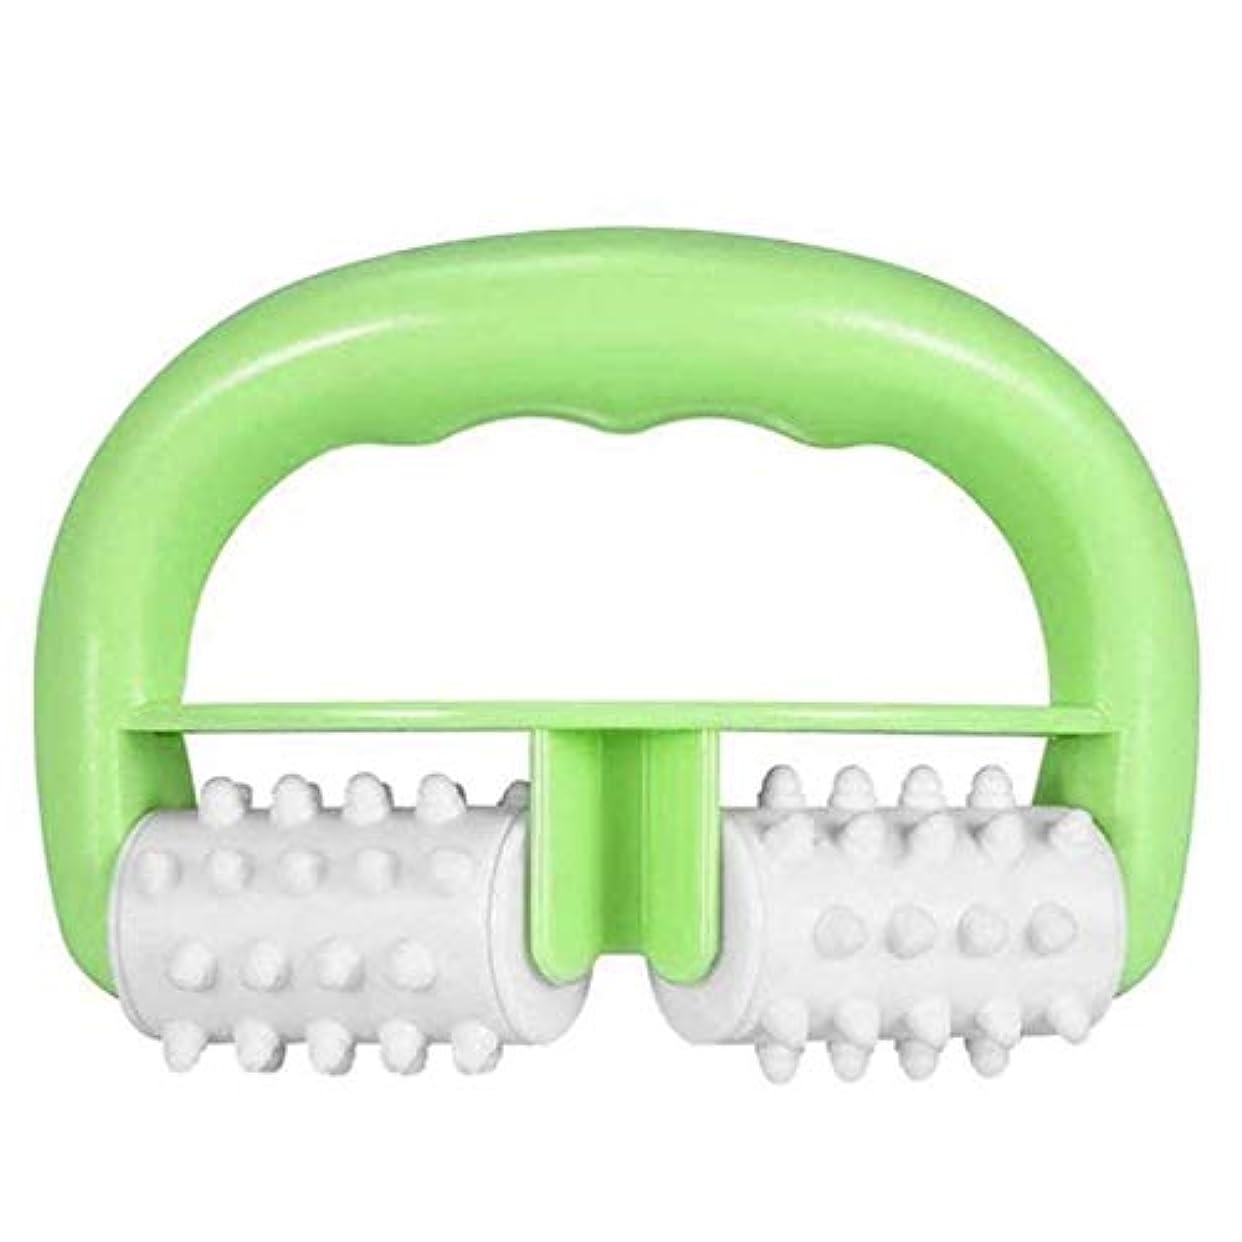 しっかり腸飢えたローラーマッサージャー - マニュアルローラーマッサージャー/マッサージ?完璧な体験を提供します。緑